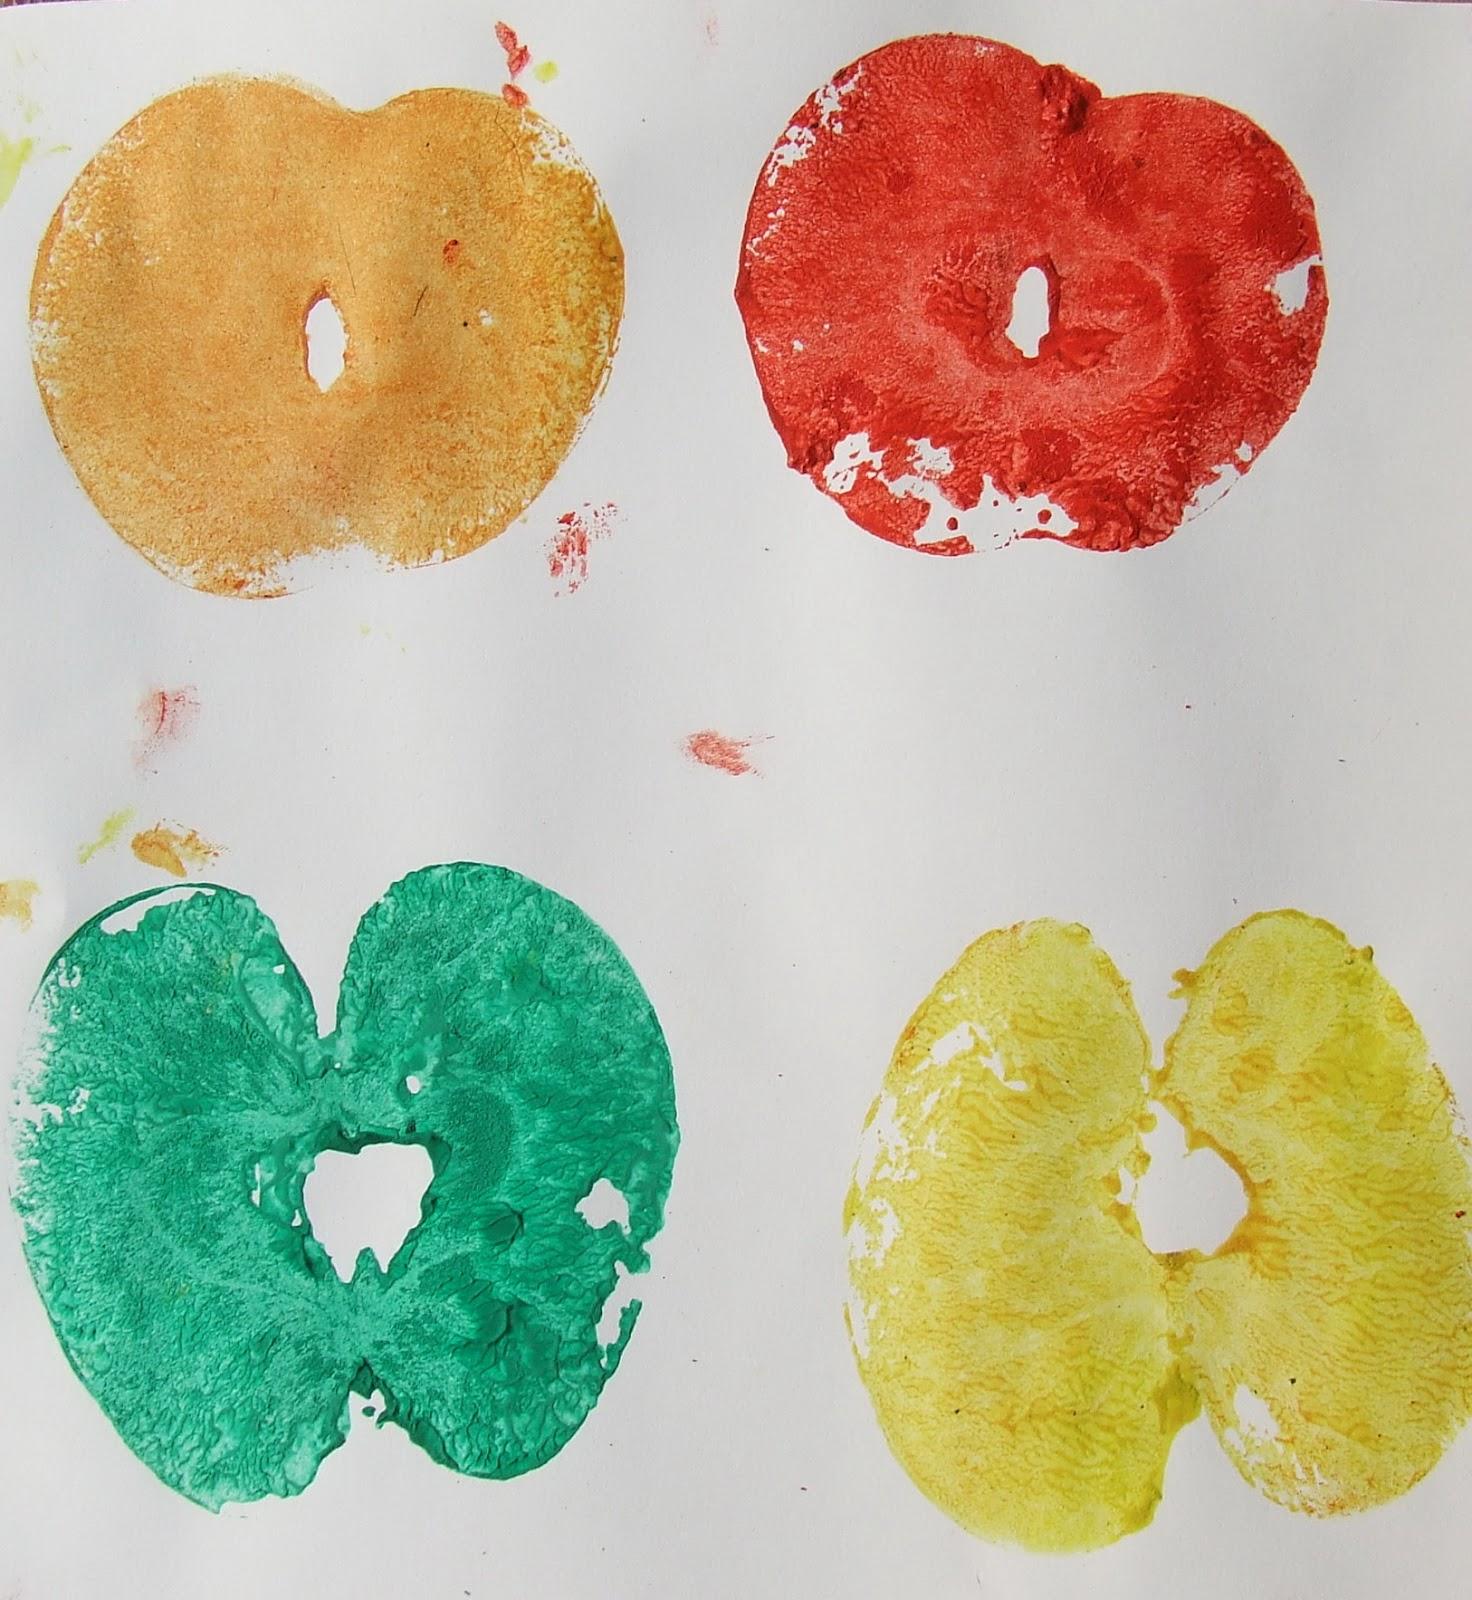 alma nyomda - játékötlet gyerekeknek